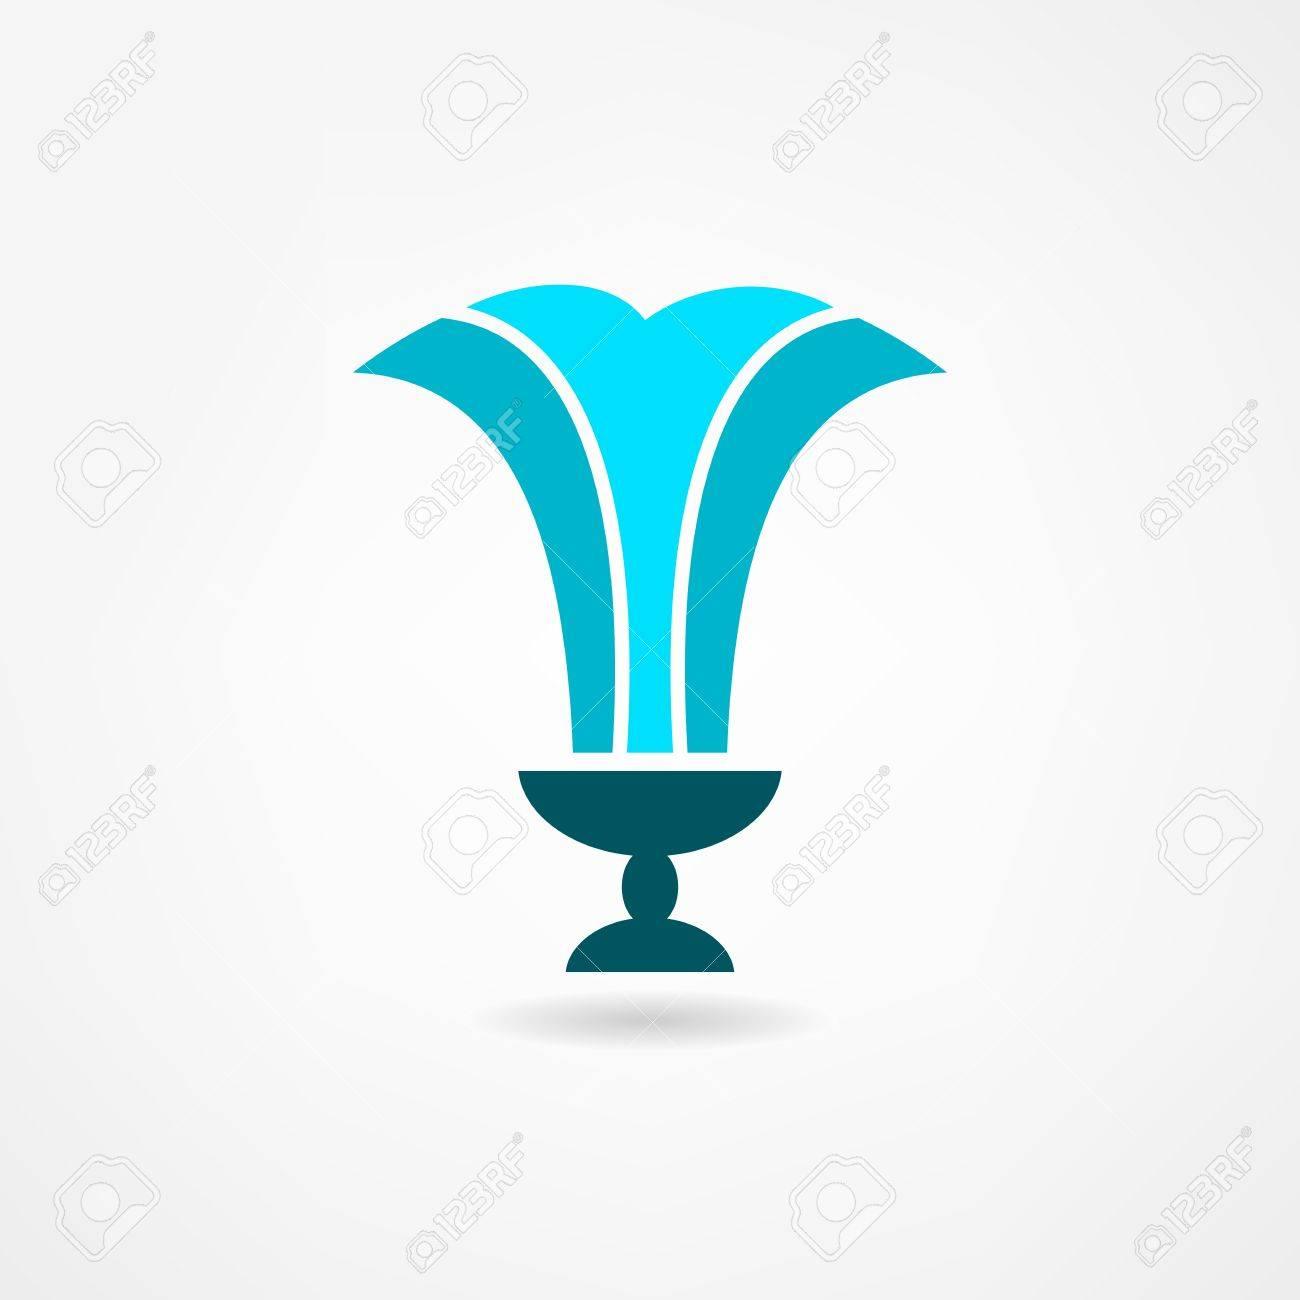 fountain icon Stock Vector - 21445773